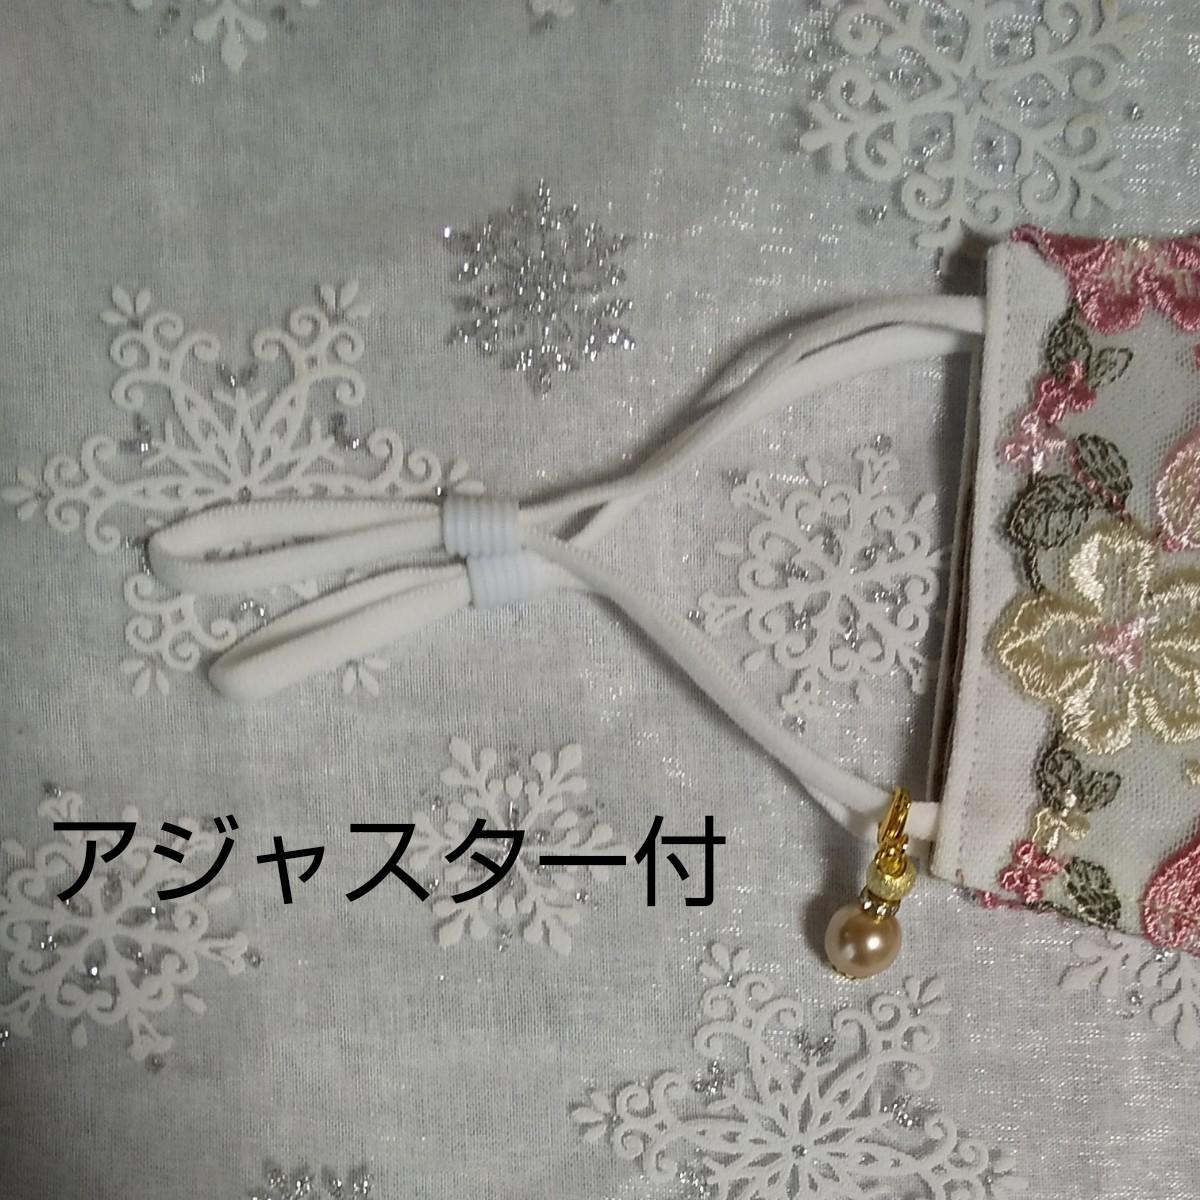 立体インナーハンドメイド、綿麻ガーゼ、チュール刺繍レース、ミントグリーン×ピンク×イエロー(大きめサイズ)アジャスター付チャーム付